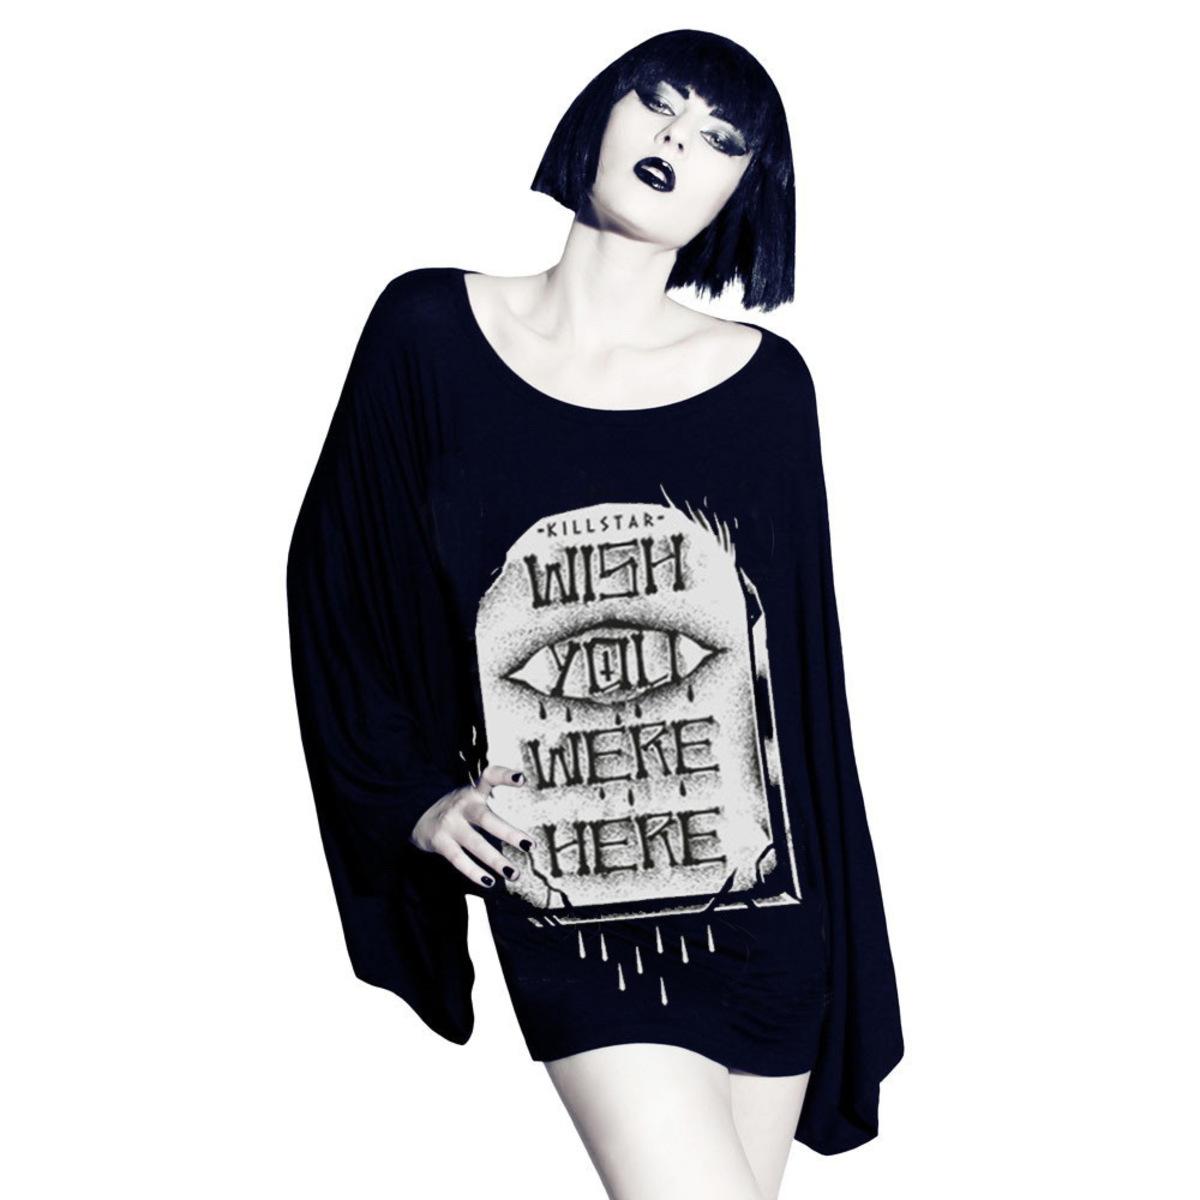 tričko dámské (tunika) KILLSTAR - WYWH Kimono - Black